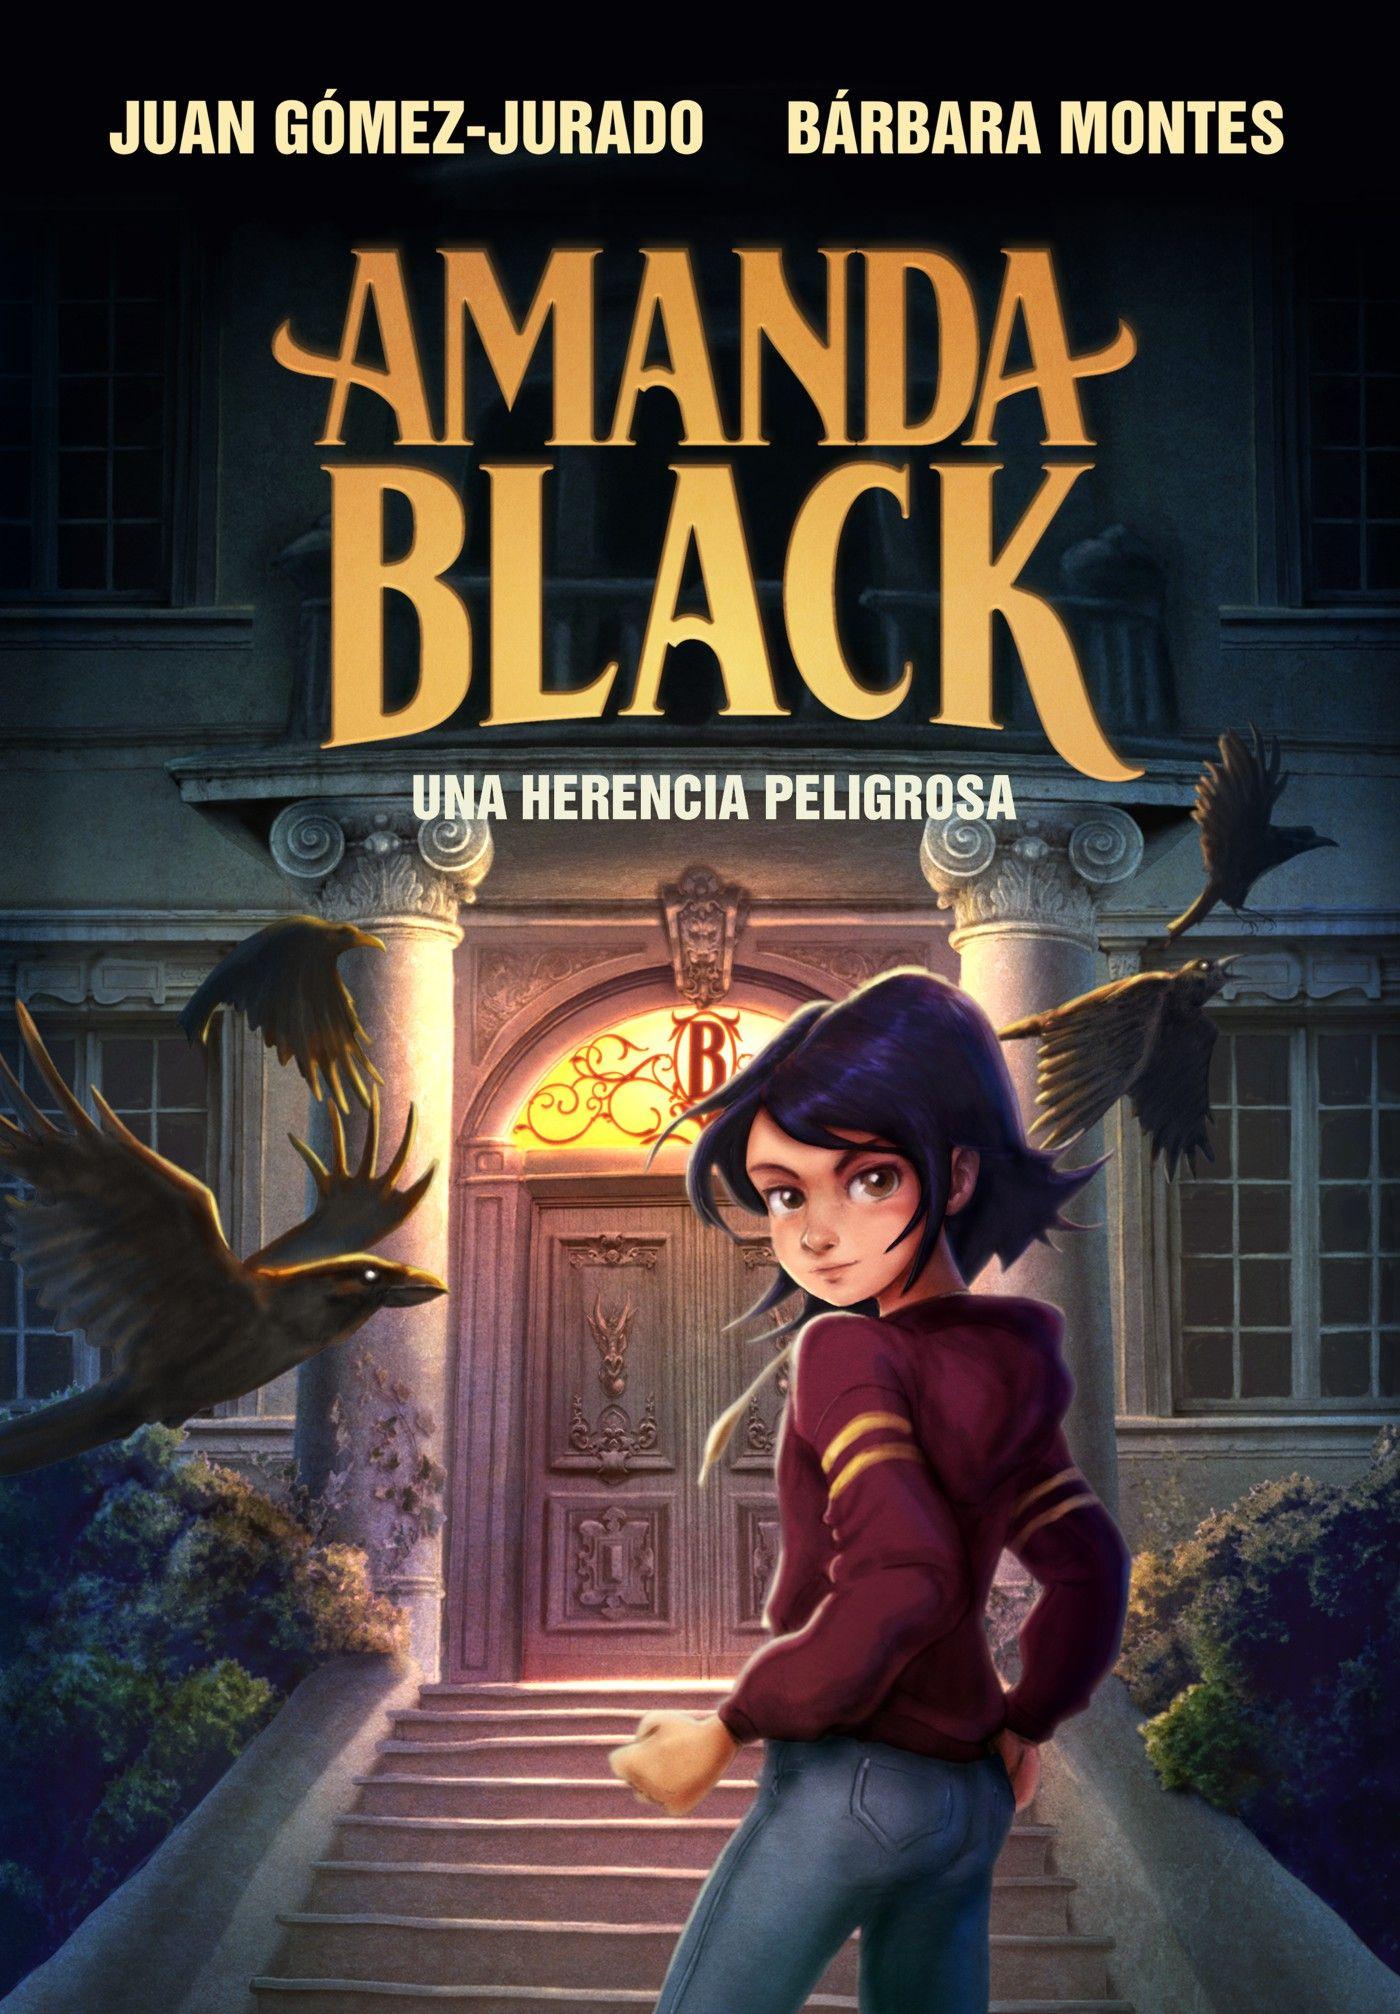 Amanda Black - Una herencia peligrosa - ilustración portada - Juan Gómez-Jurado - Bárbara Montes